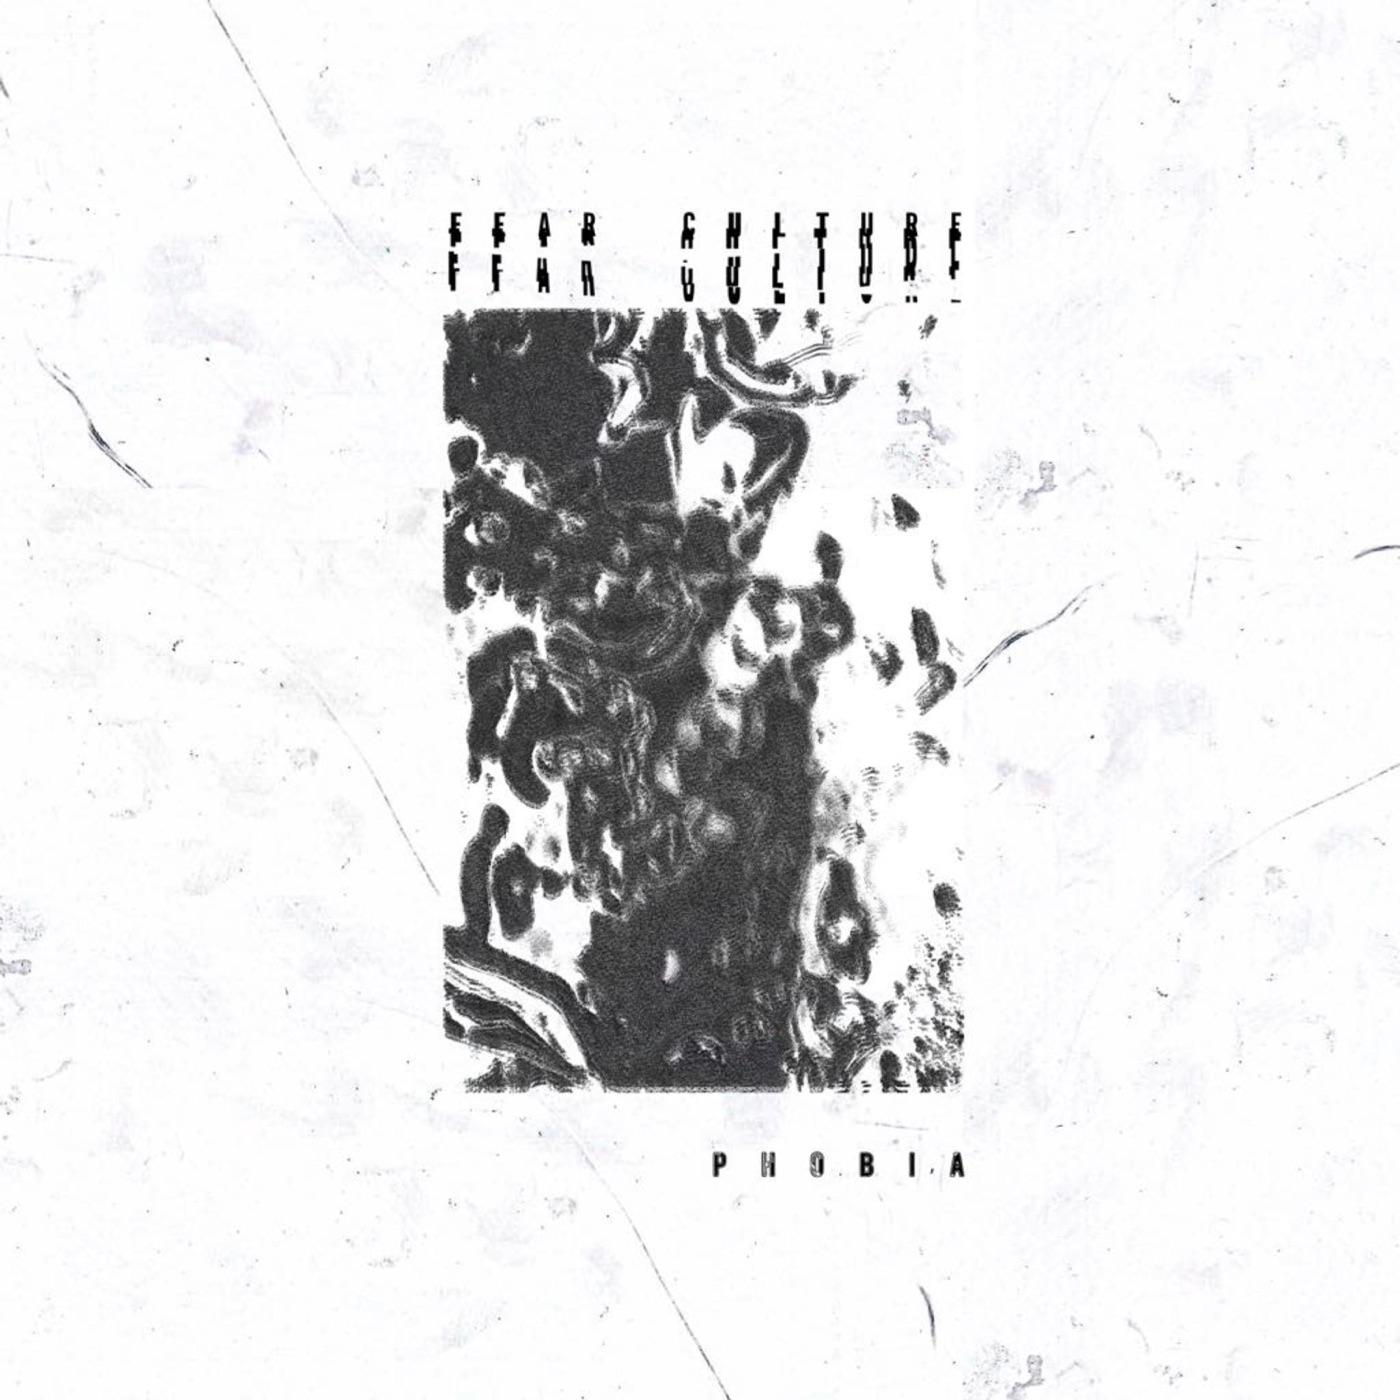 Fear Culture - Phobia [single] (2018)